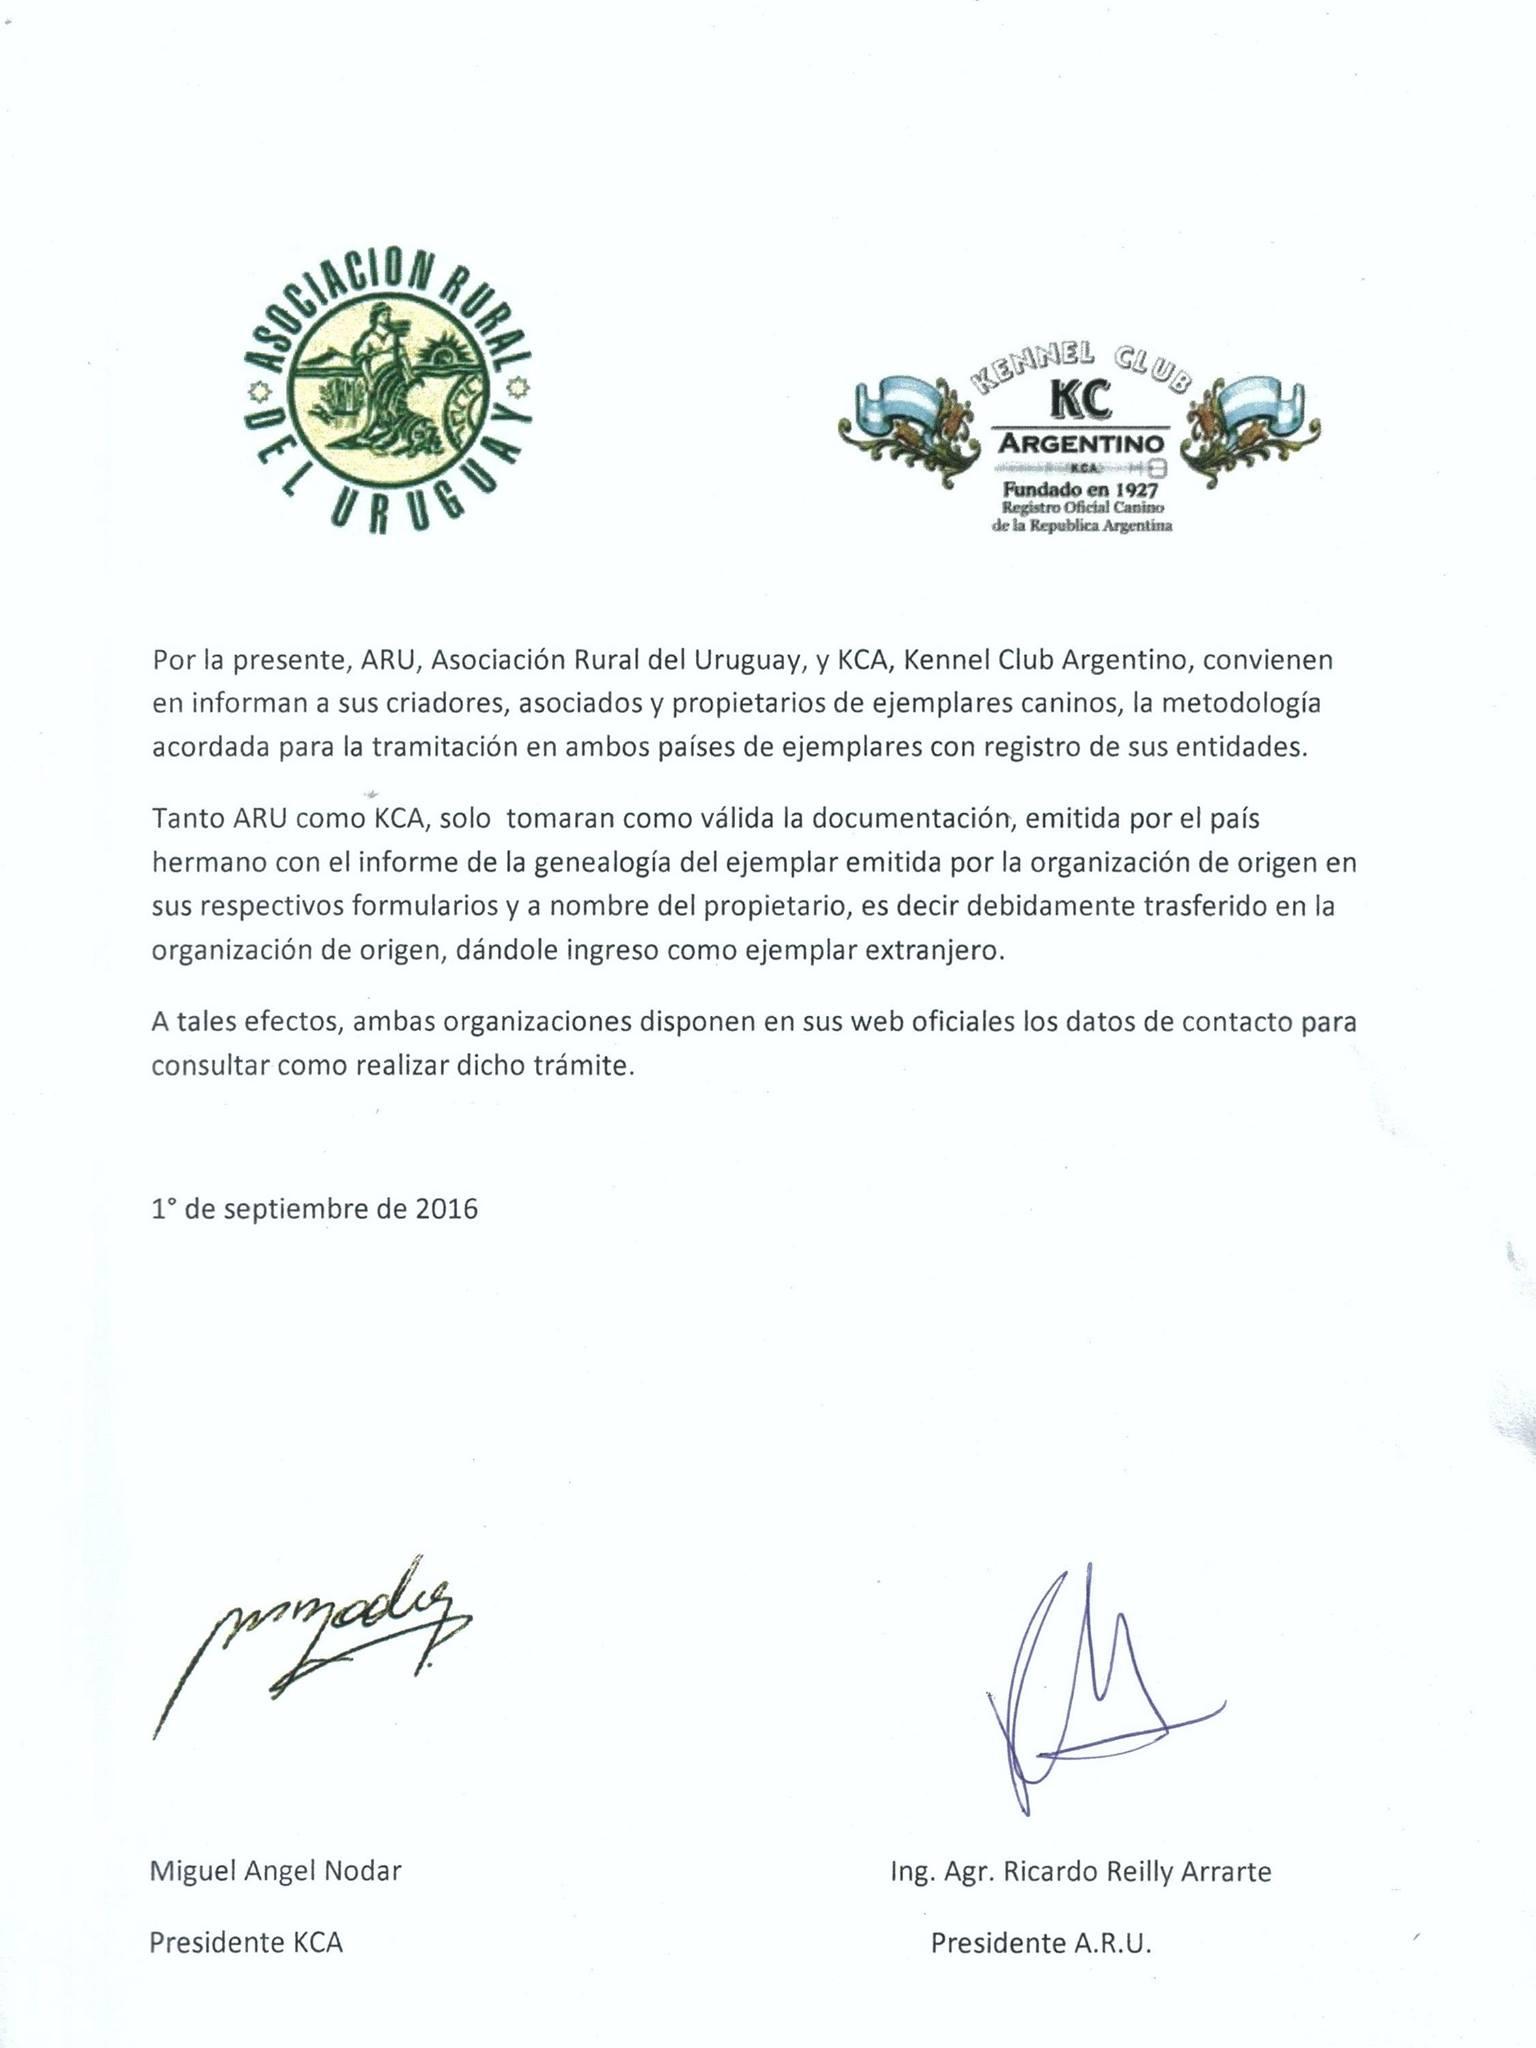 Asociación Rural del Uruguay - ARU / Kennel Club Argentino - KCA